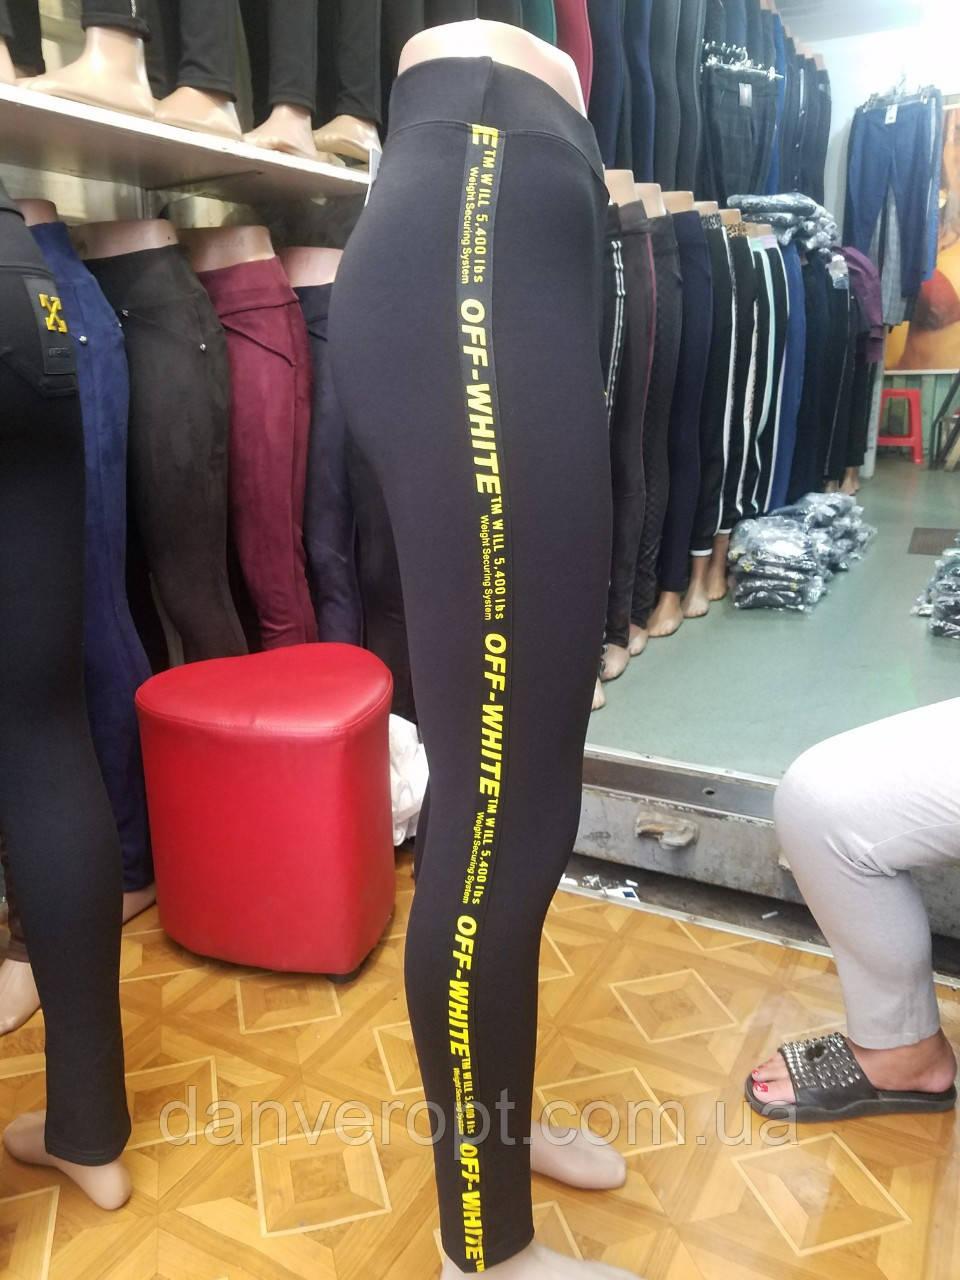 Лосины женские модные стильные OFF-WHITE размер 40-50 купить оптом со склада 7км Одесса